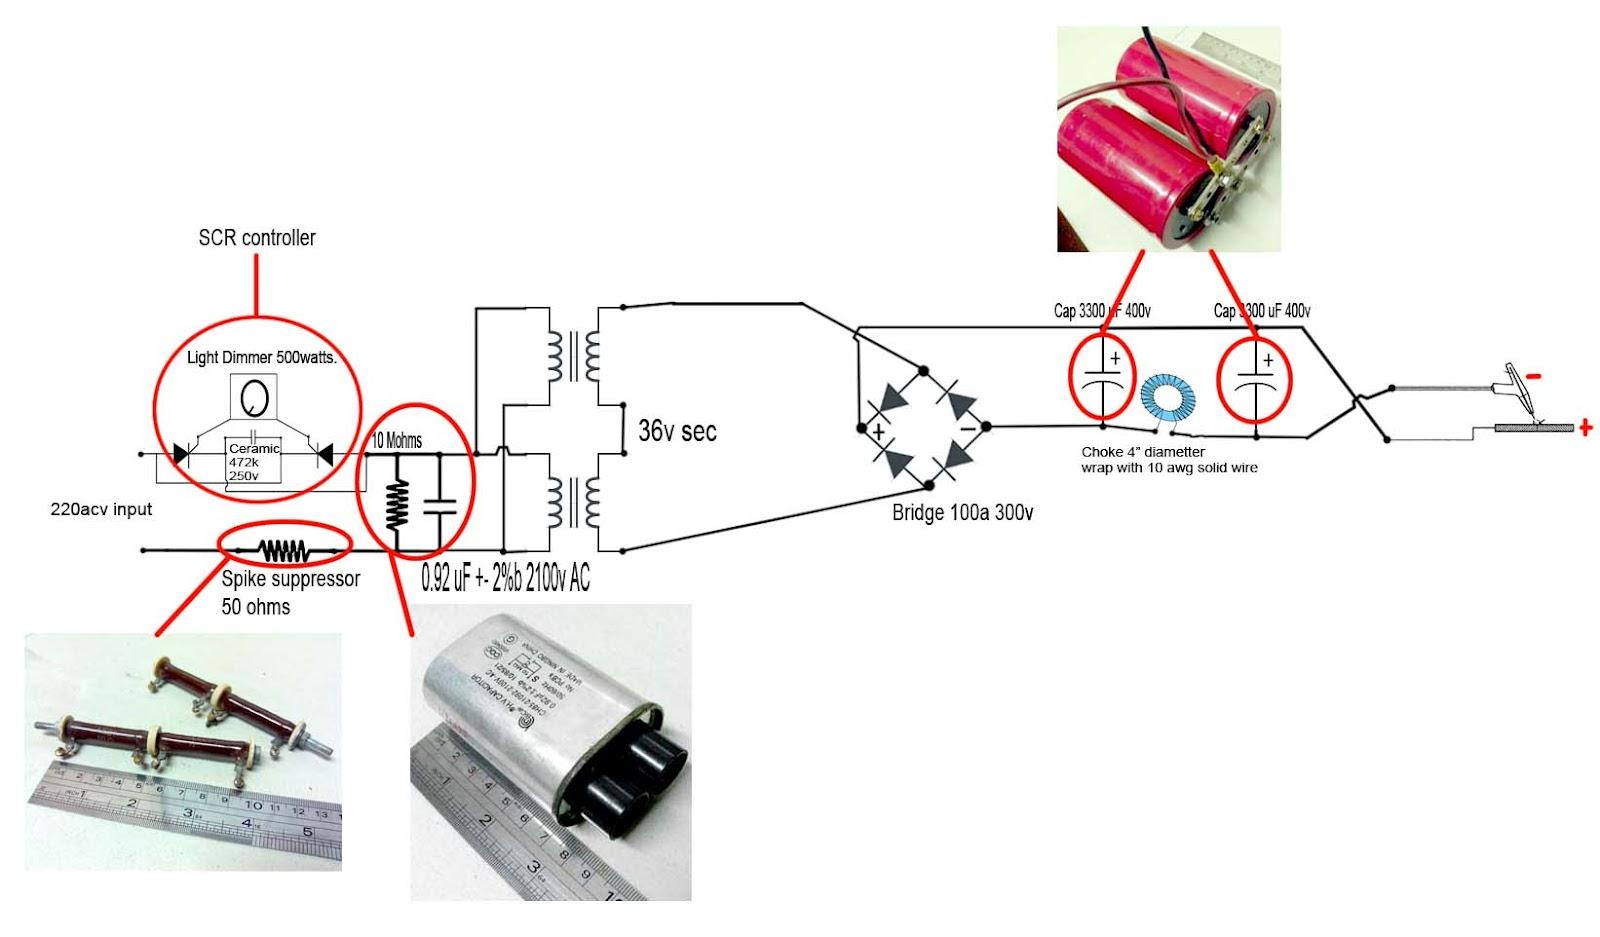 tig schematics and components diy  [ 1600 x 937 Pixel ]